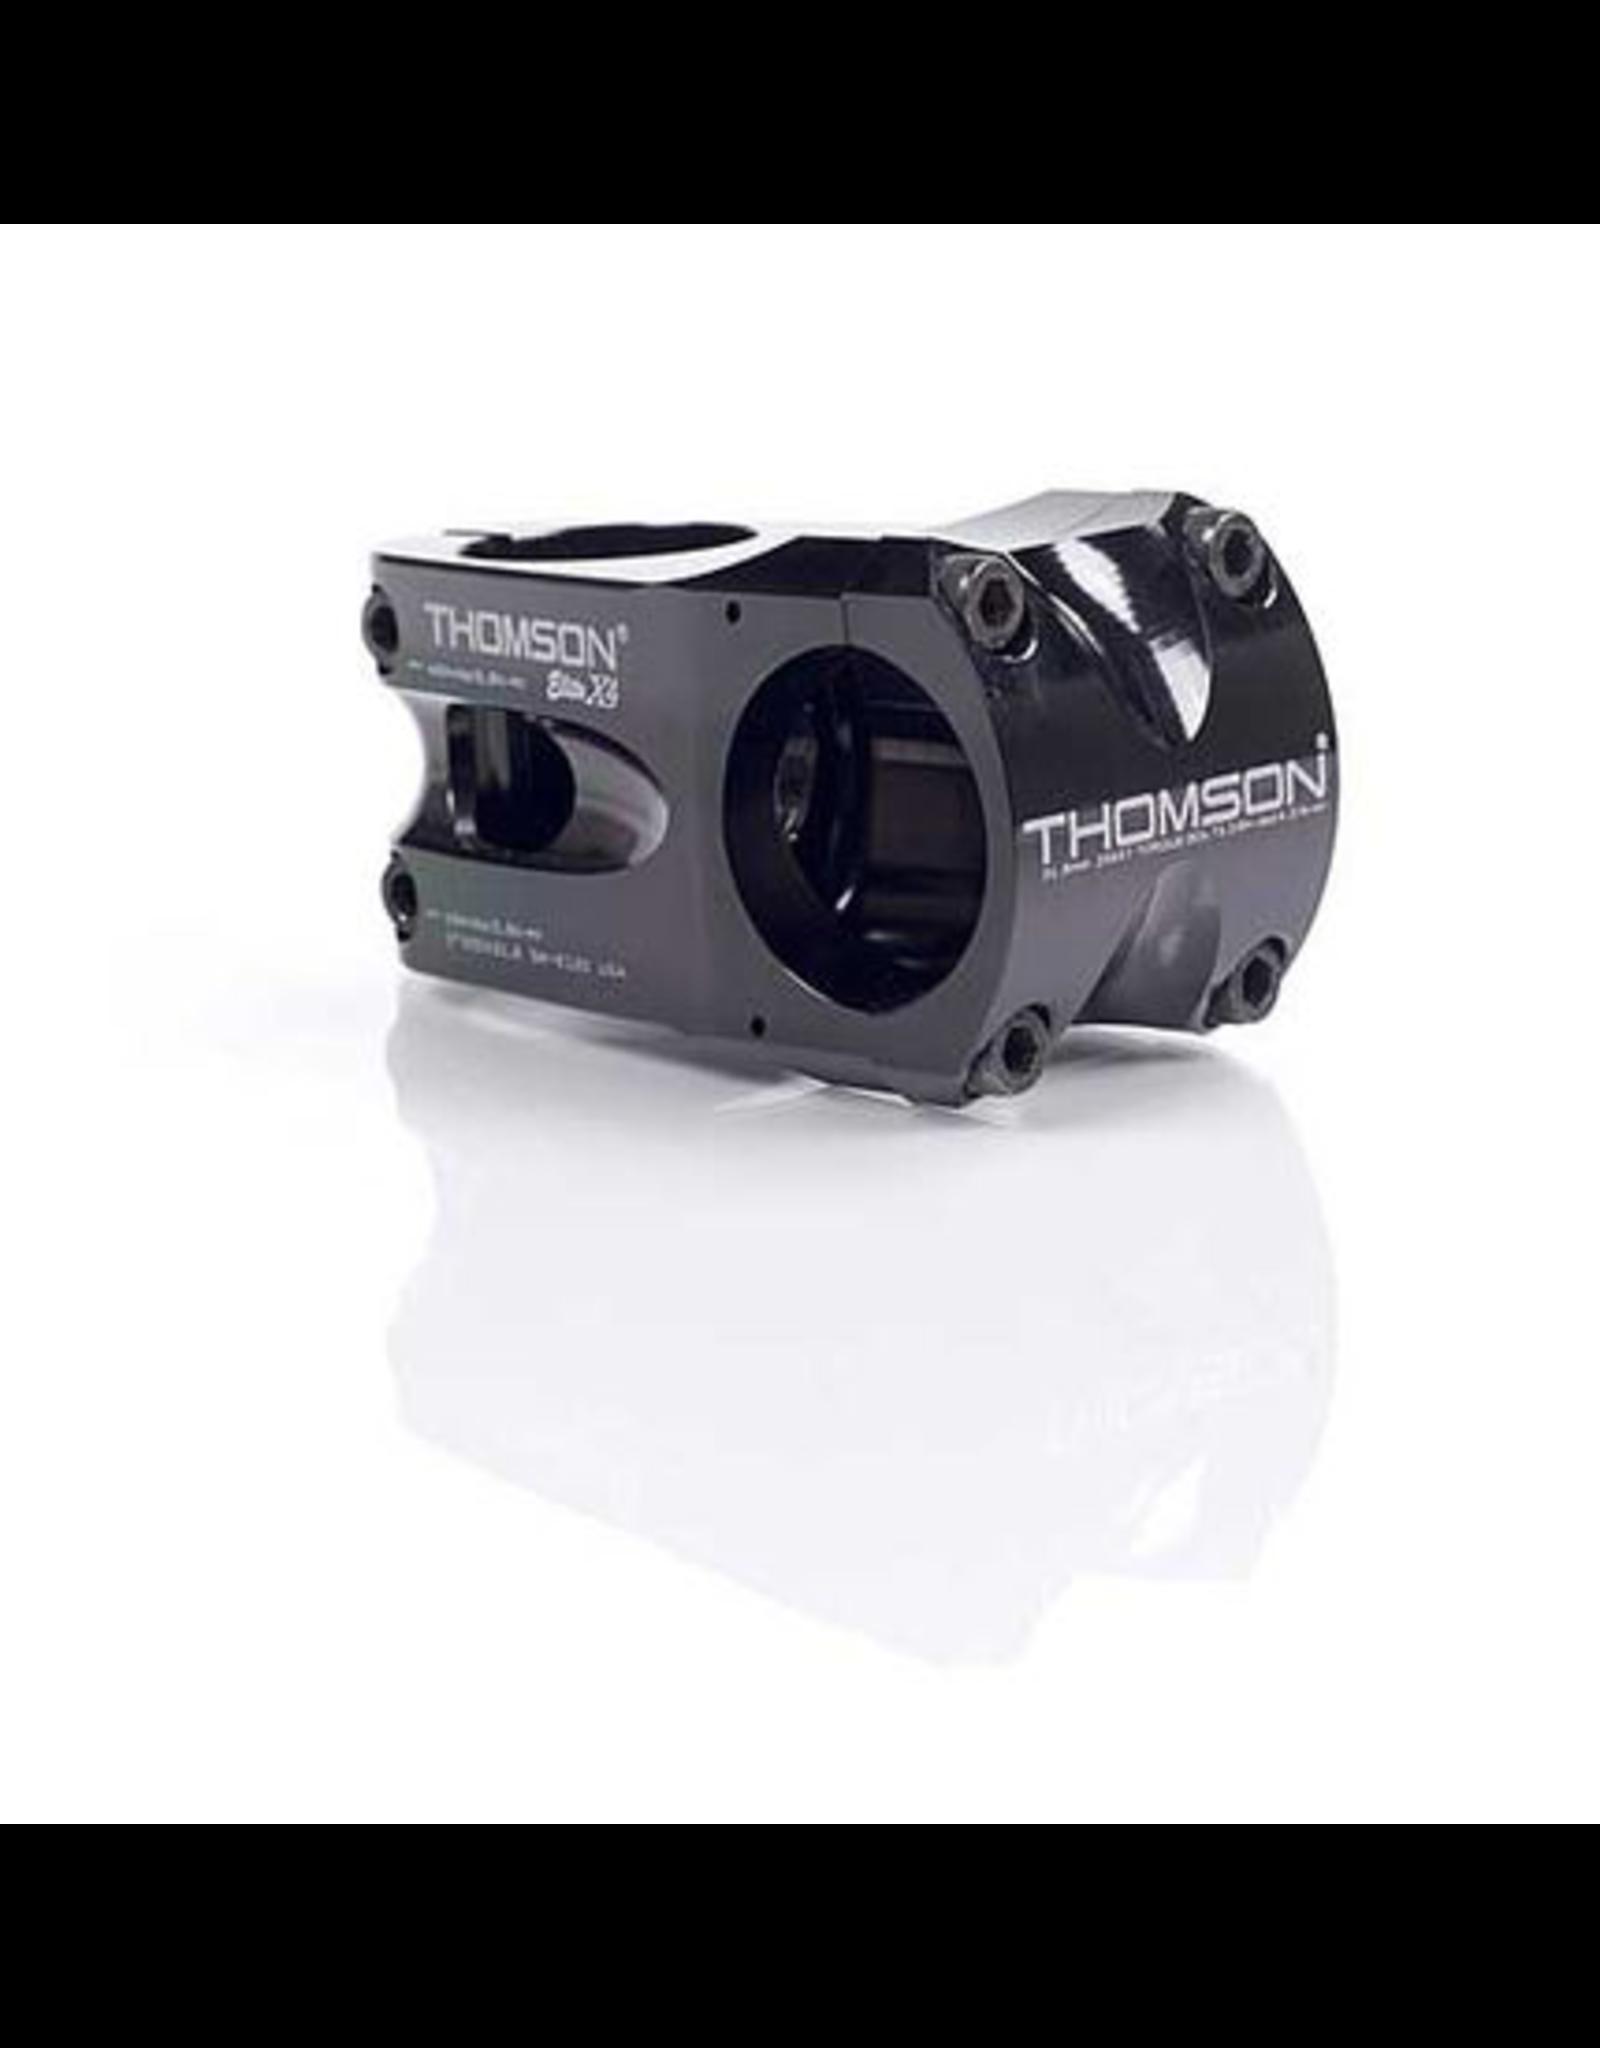 Thomson STEM THOMSON ELITE X4 BLACK 60 X 31.8MM 0 DEGREE